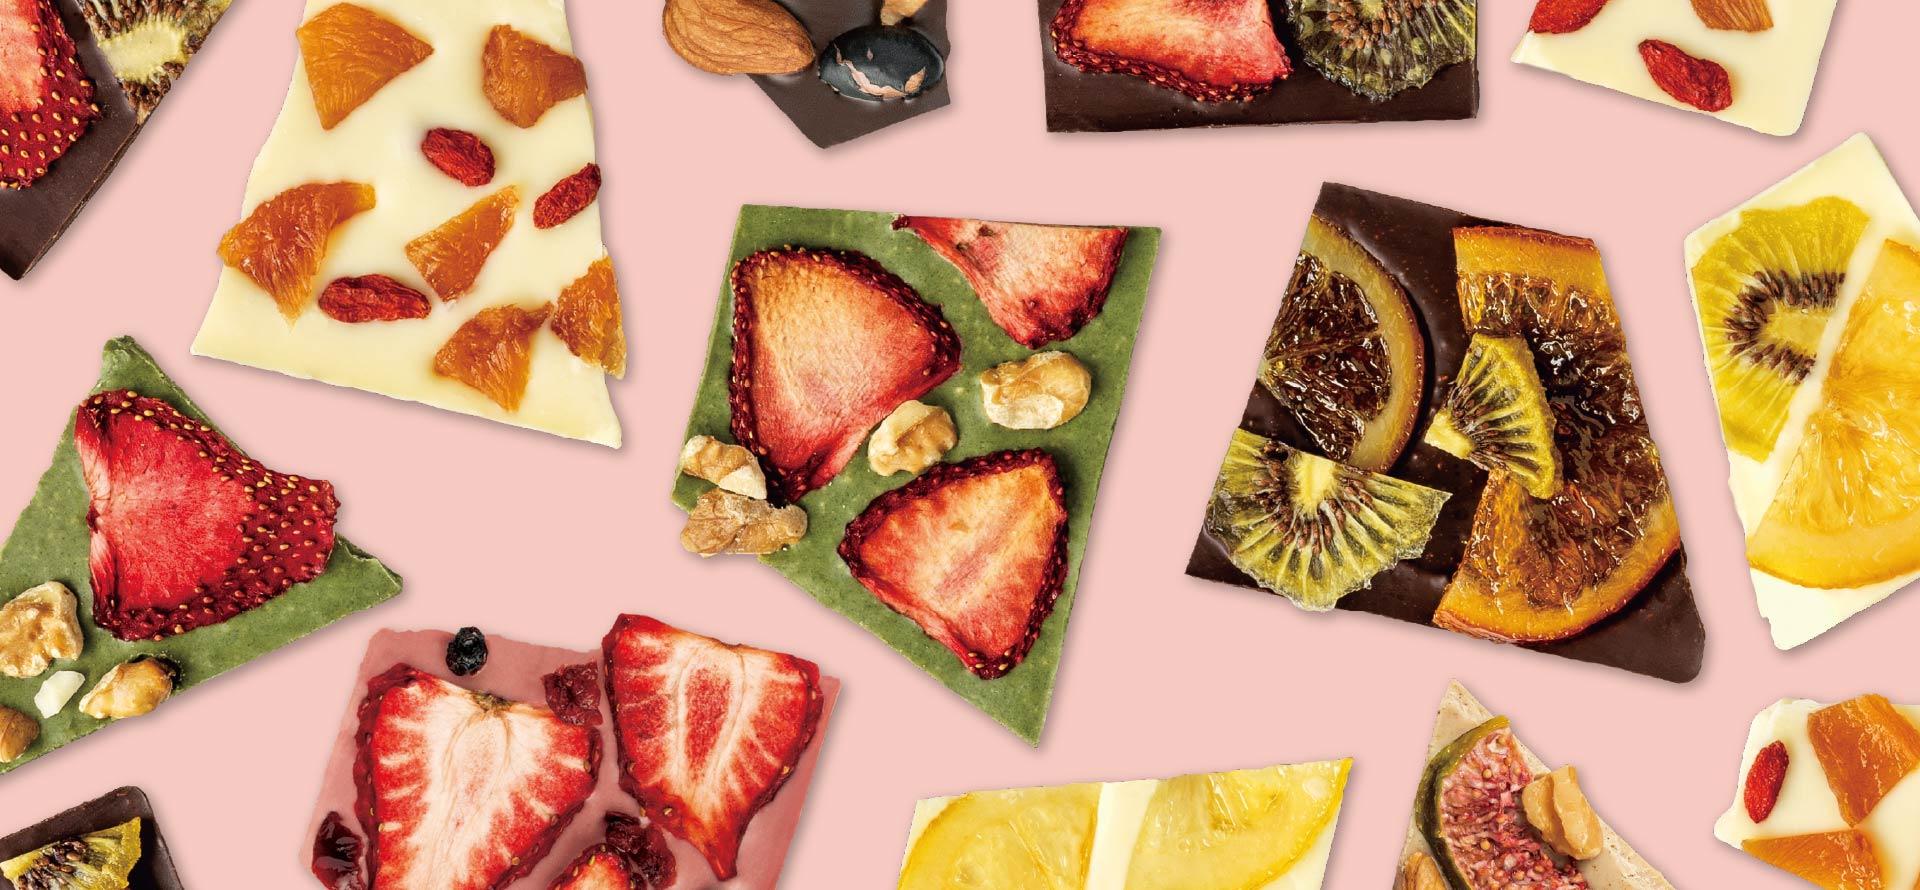 せとうち産のドライフルーツや 岡山産の食材を散りばめた 贅沢ショコラバー「蒜山ショコラ」